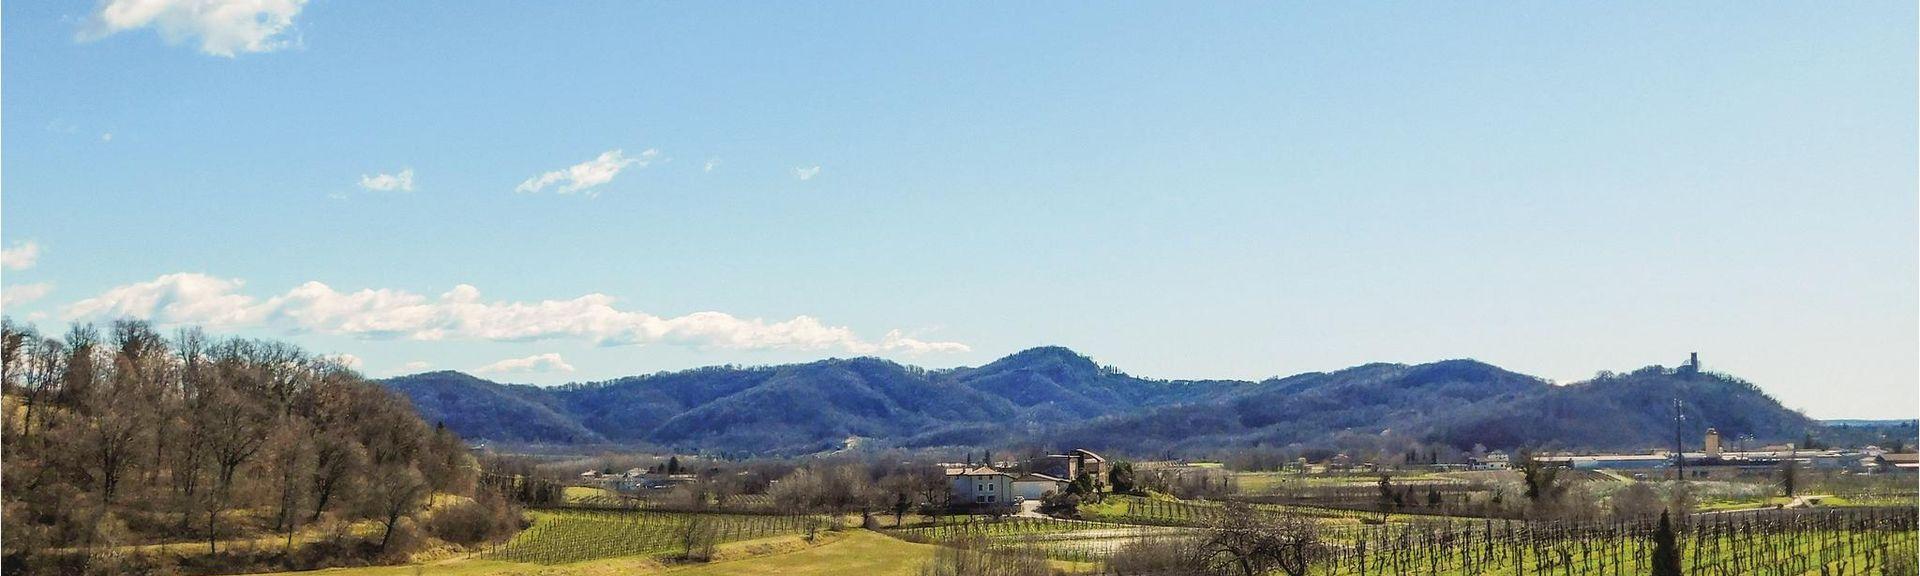 PN, Friuli-Venezia Giulia, Italia